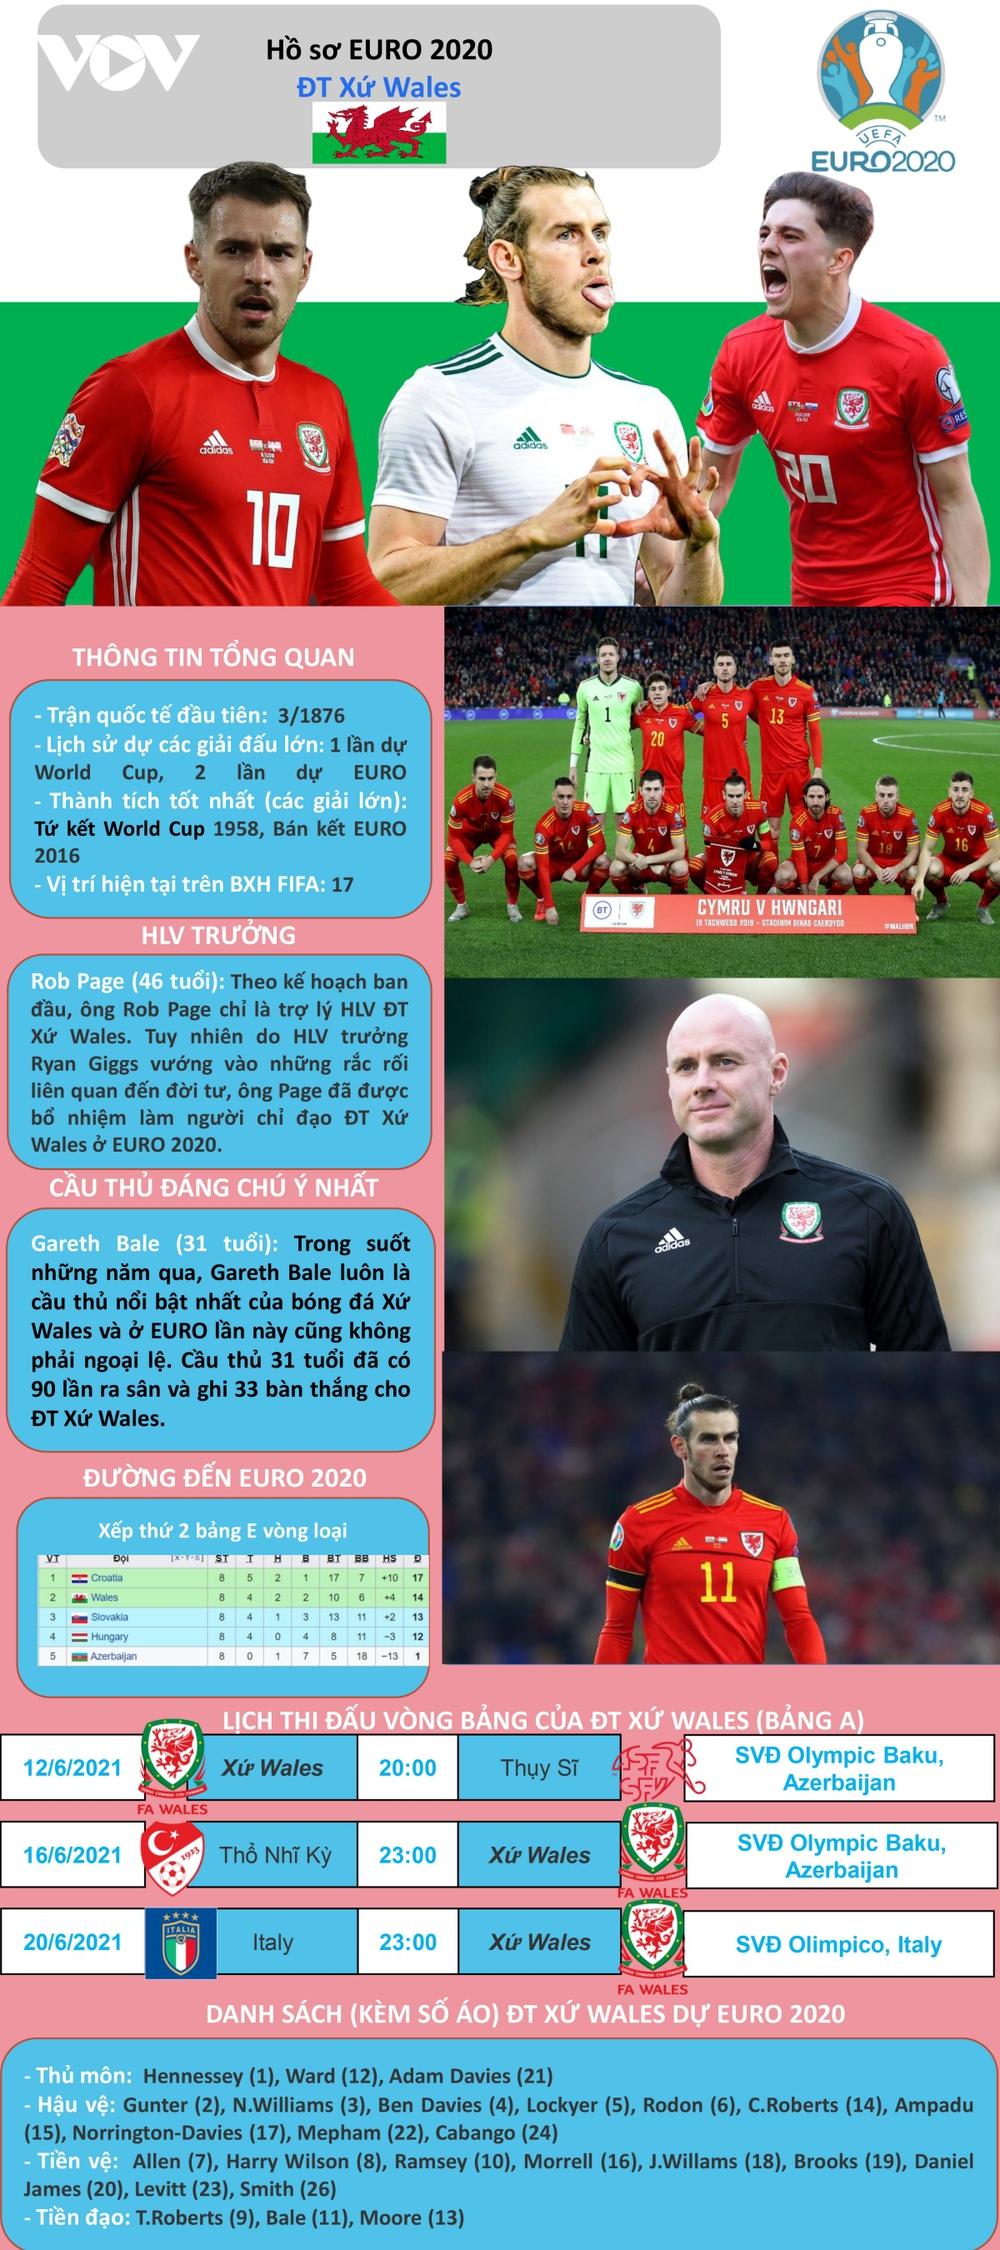 Hồ sơ các ĐT dự EURO 2020: Đội tuyển Xứ Wales - Ảnh 1.